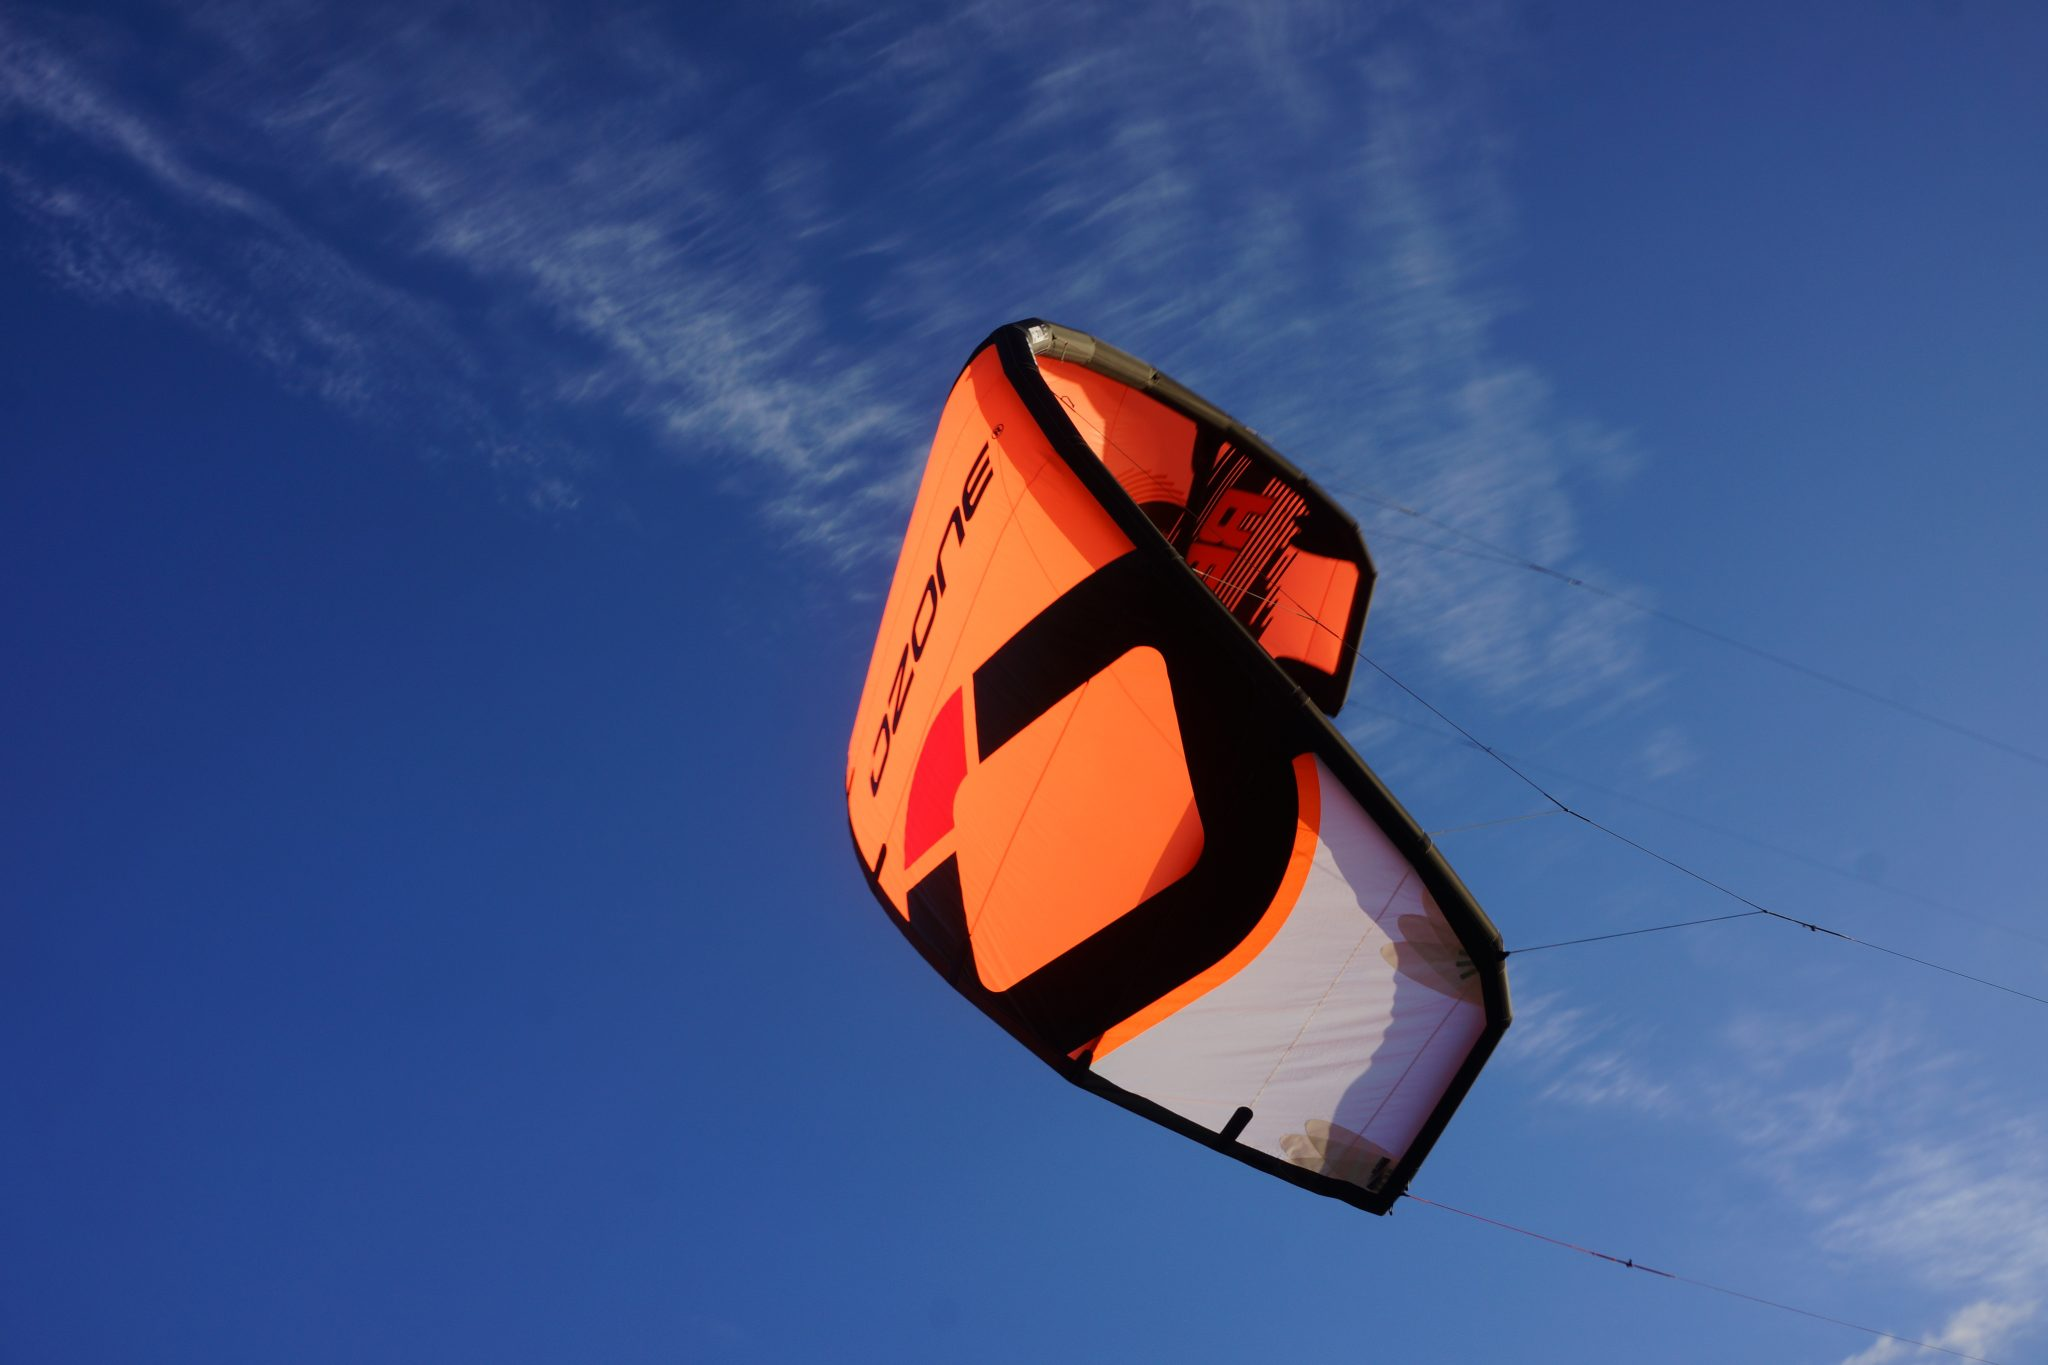 Ozone---Reo-V5-Kite-Only_127380C.jpg